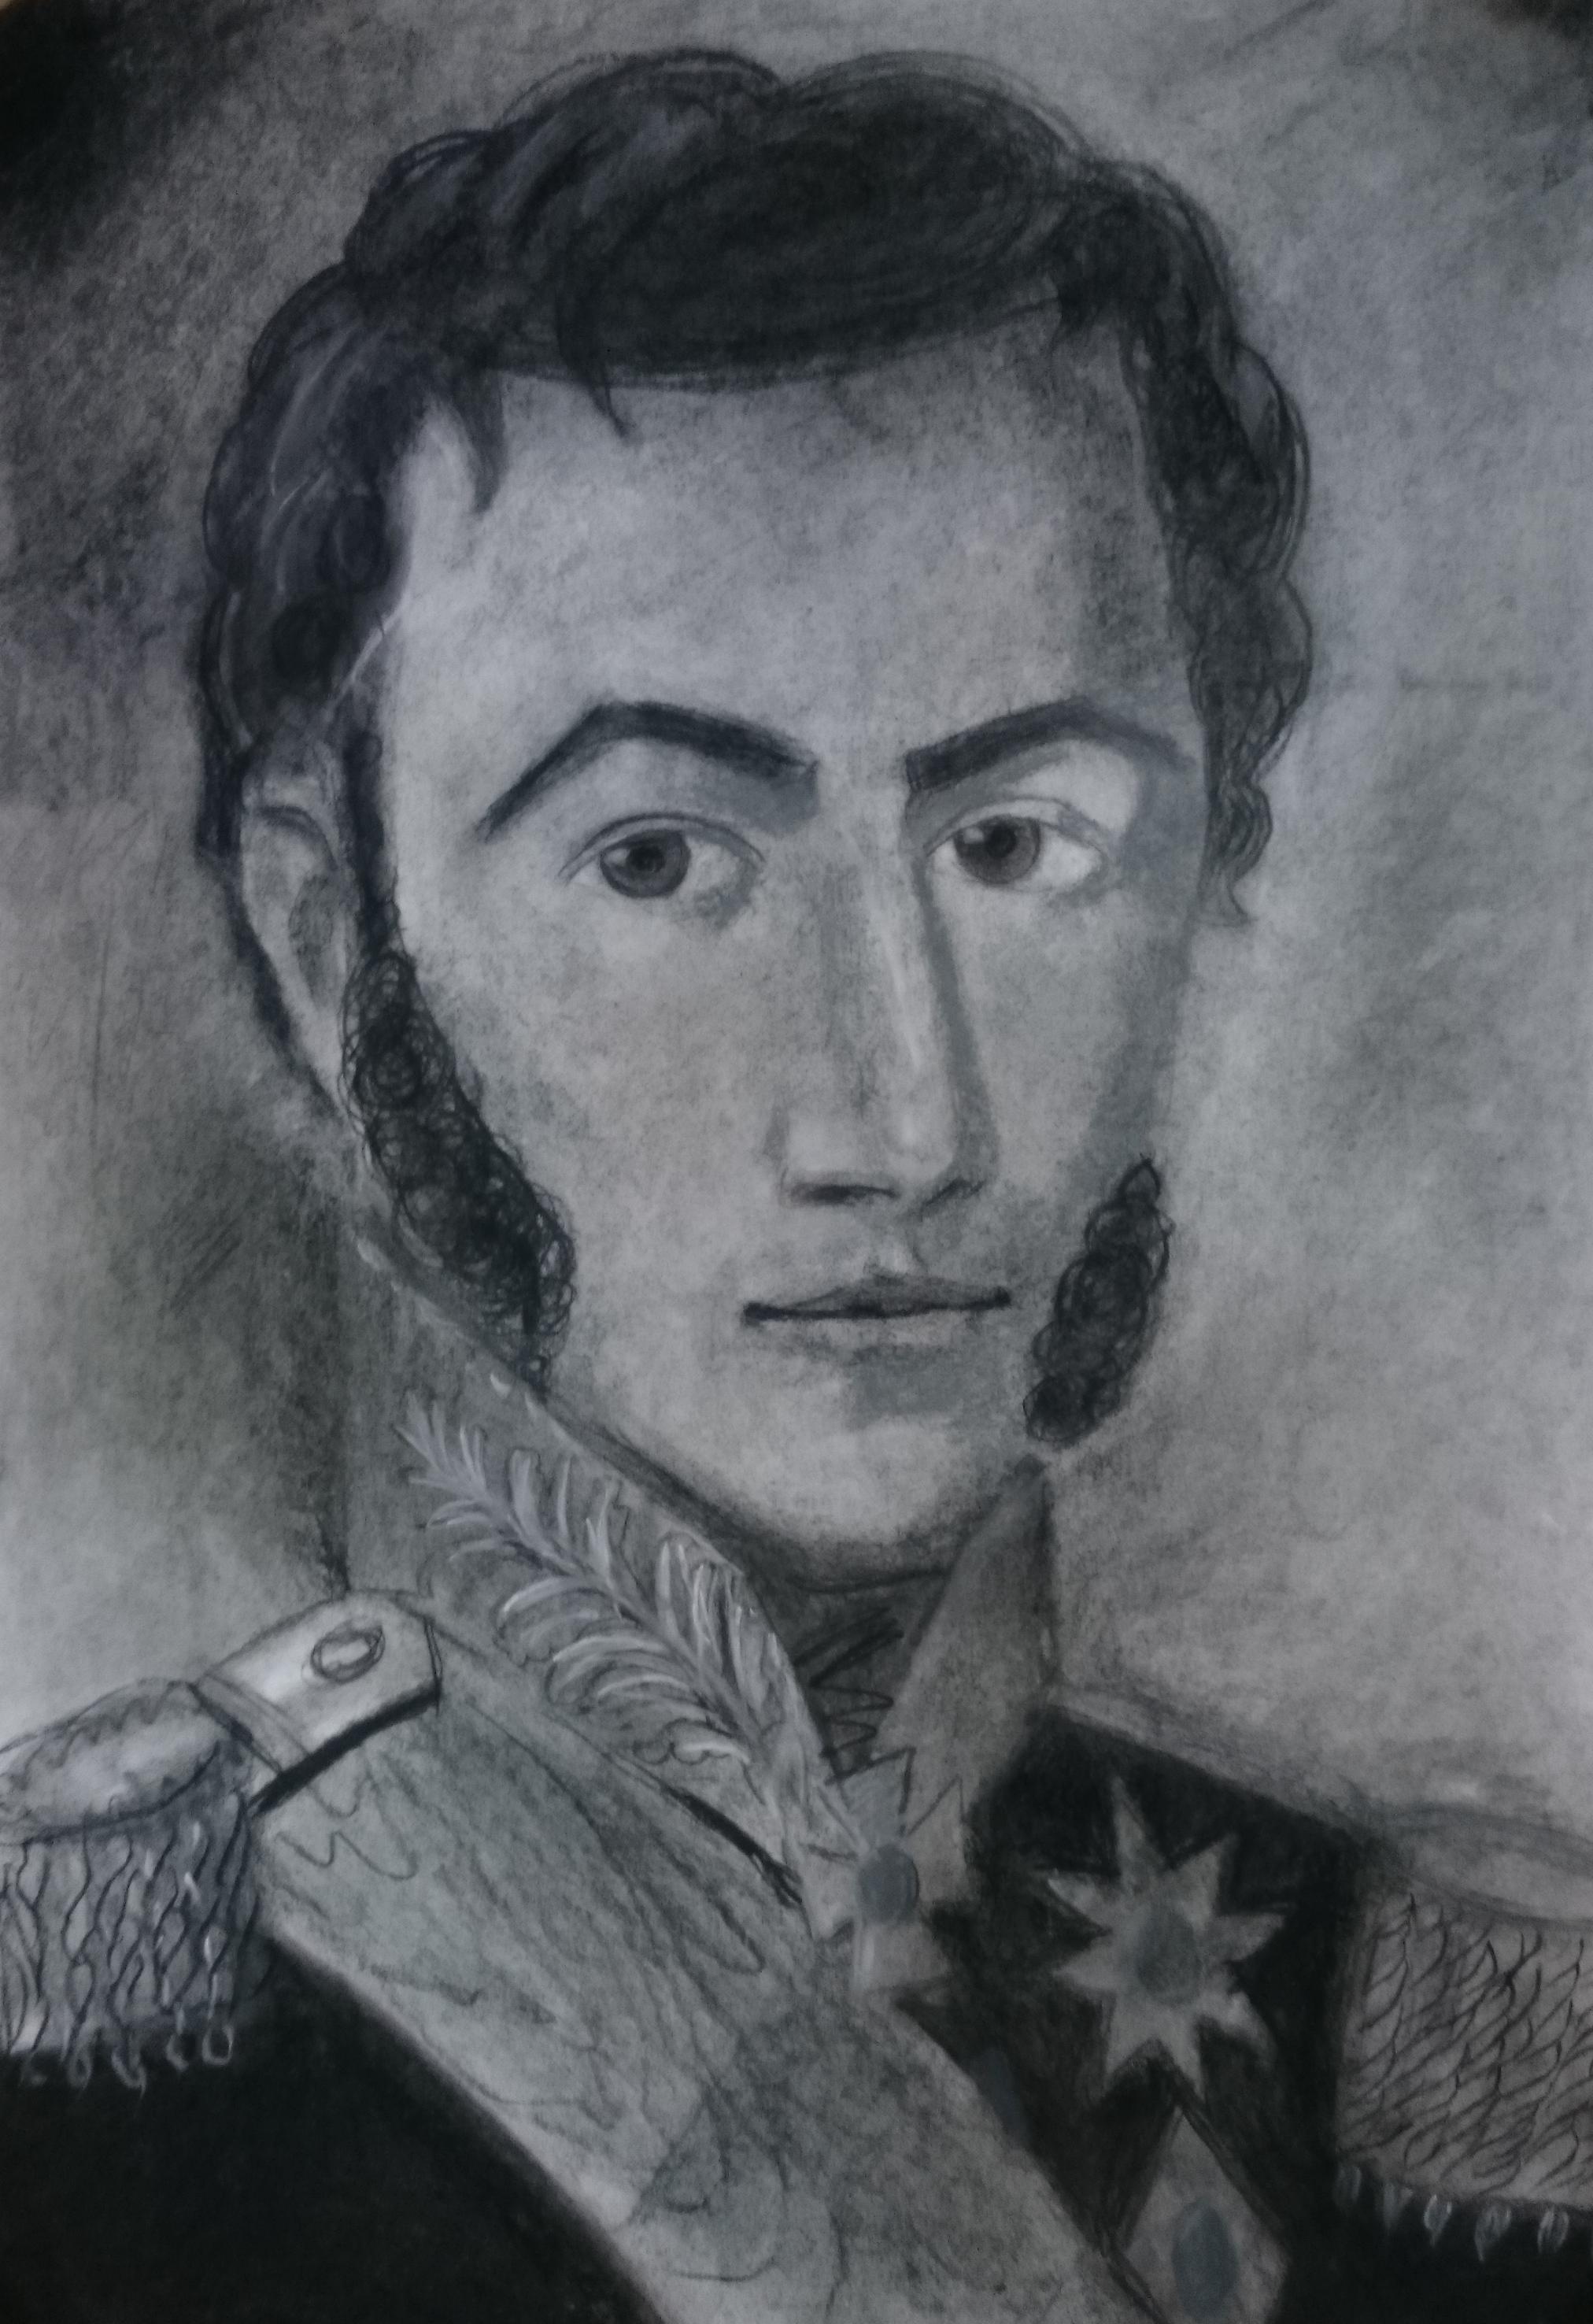 Маша В., 4 кл